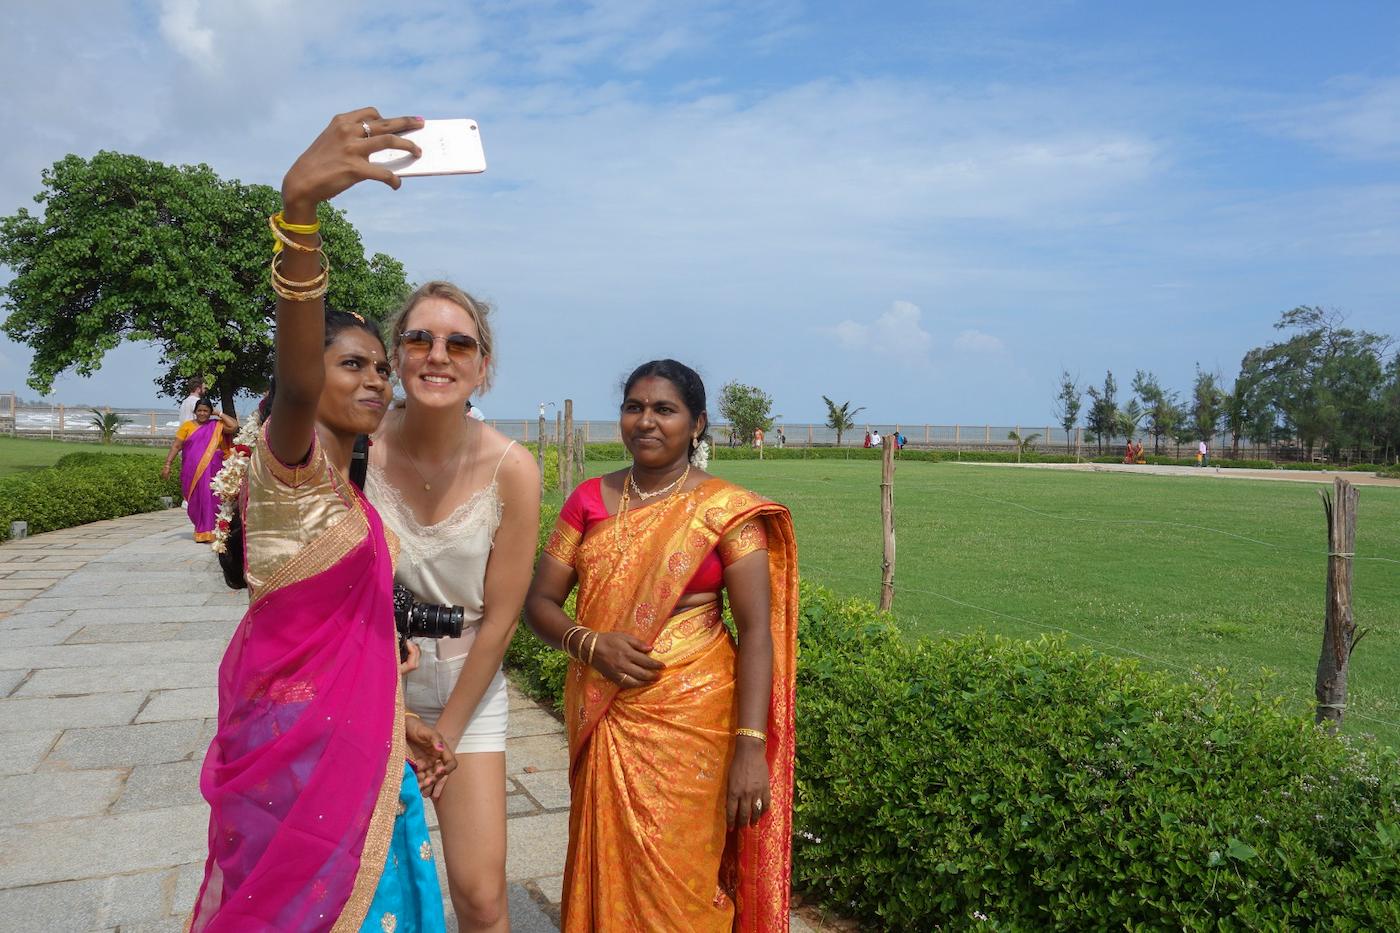 reisadvies india kleding locals